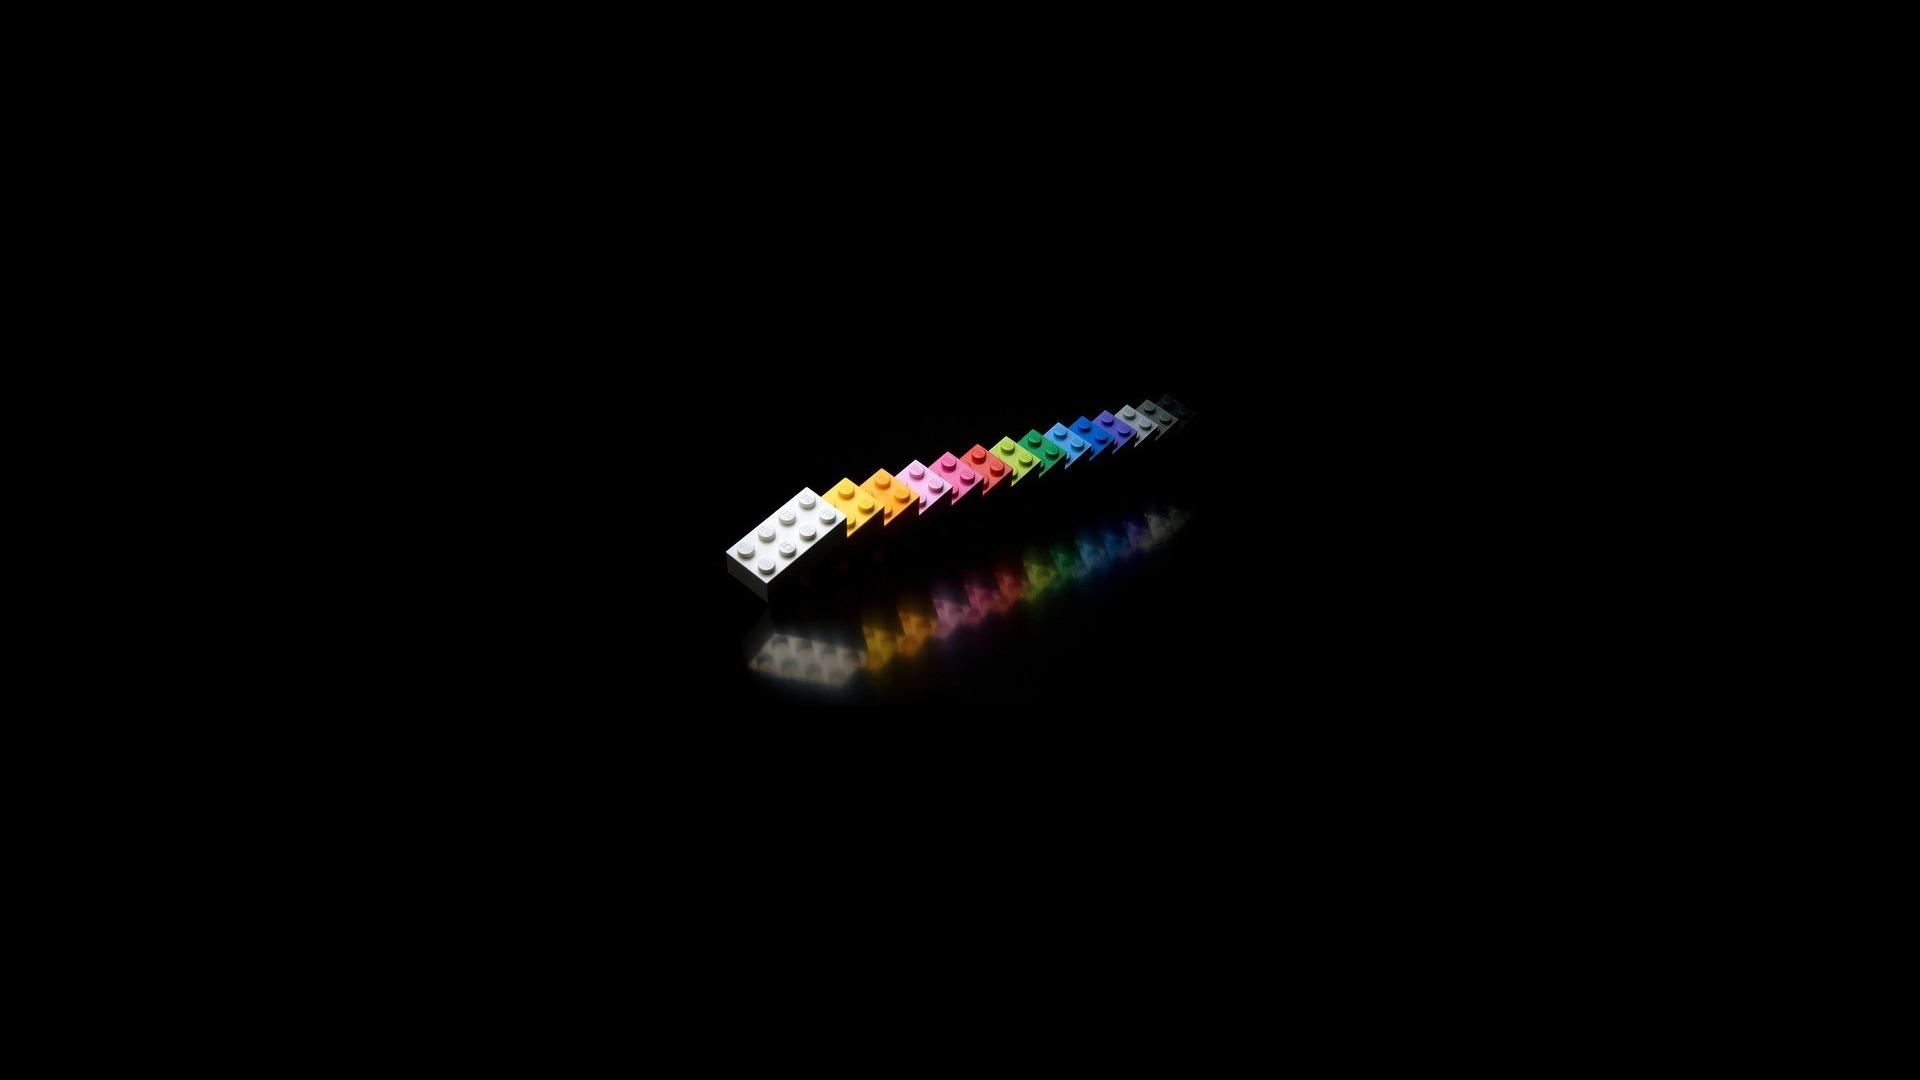 多米诺骨牌简约创意风格PPT背景图片免费下载是由PPT宝藏(www.pptbz.com)会员zengmin上传推荐的淡雅PPT背景图片, 更新时间为2017-01-15,素材编号119407。 多米诺骨牌(domino)是一种用木制、骨制或塑料制成的长方体骨牌。 多米诺骨牌(domino)是一种用木制、骨制或塑料制成的长方体骨牌。多米诺一幅图案由几百、几千甚至上万张骨牌组成。多米诺骨牌除了可码放单线、多线、文字等各式各样的多米诺造型外,还可充做积木,搭房子,盖牌楼、制成各种各样的拼图。 多米诺骨牌本身具有